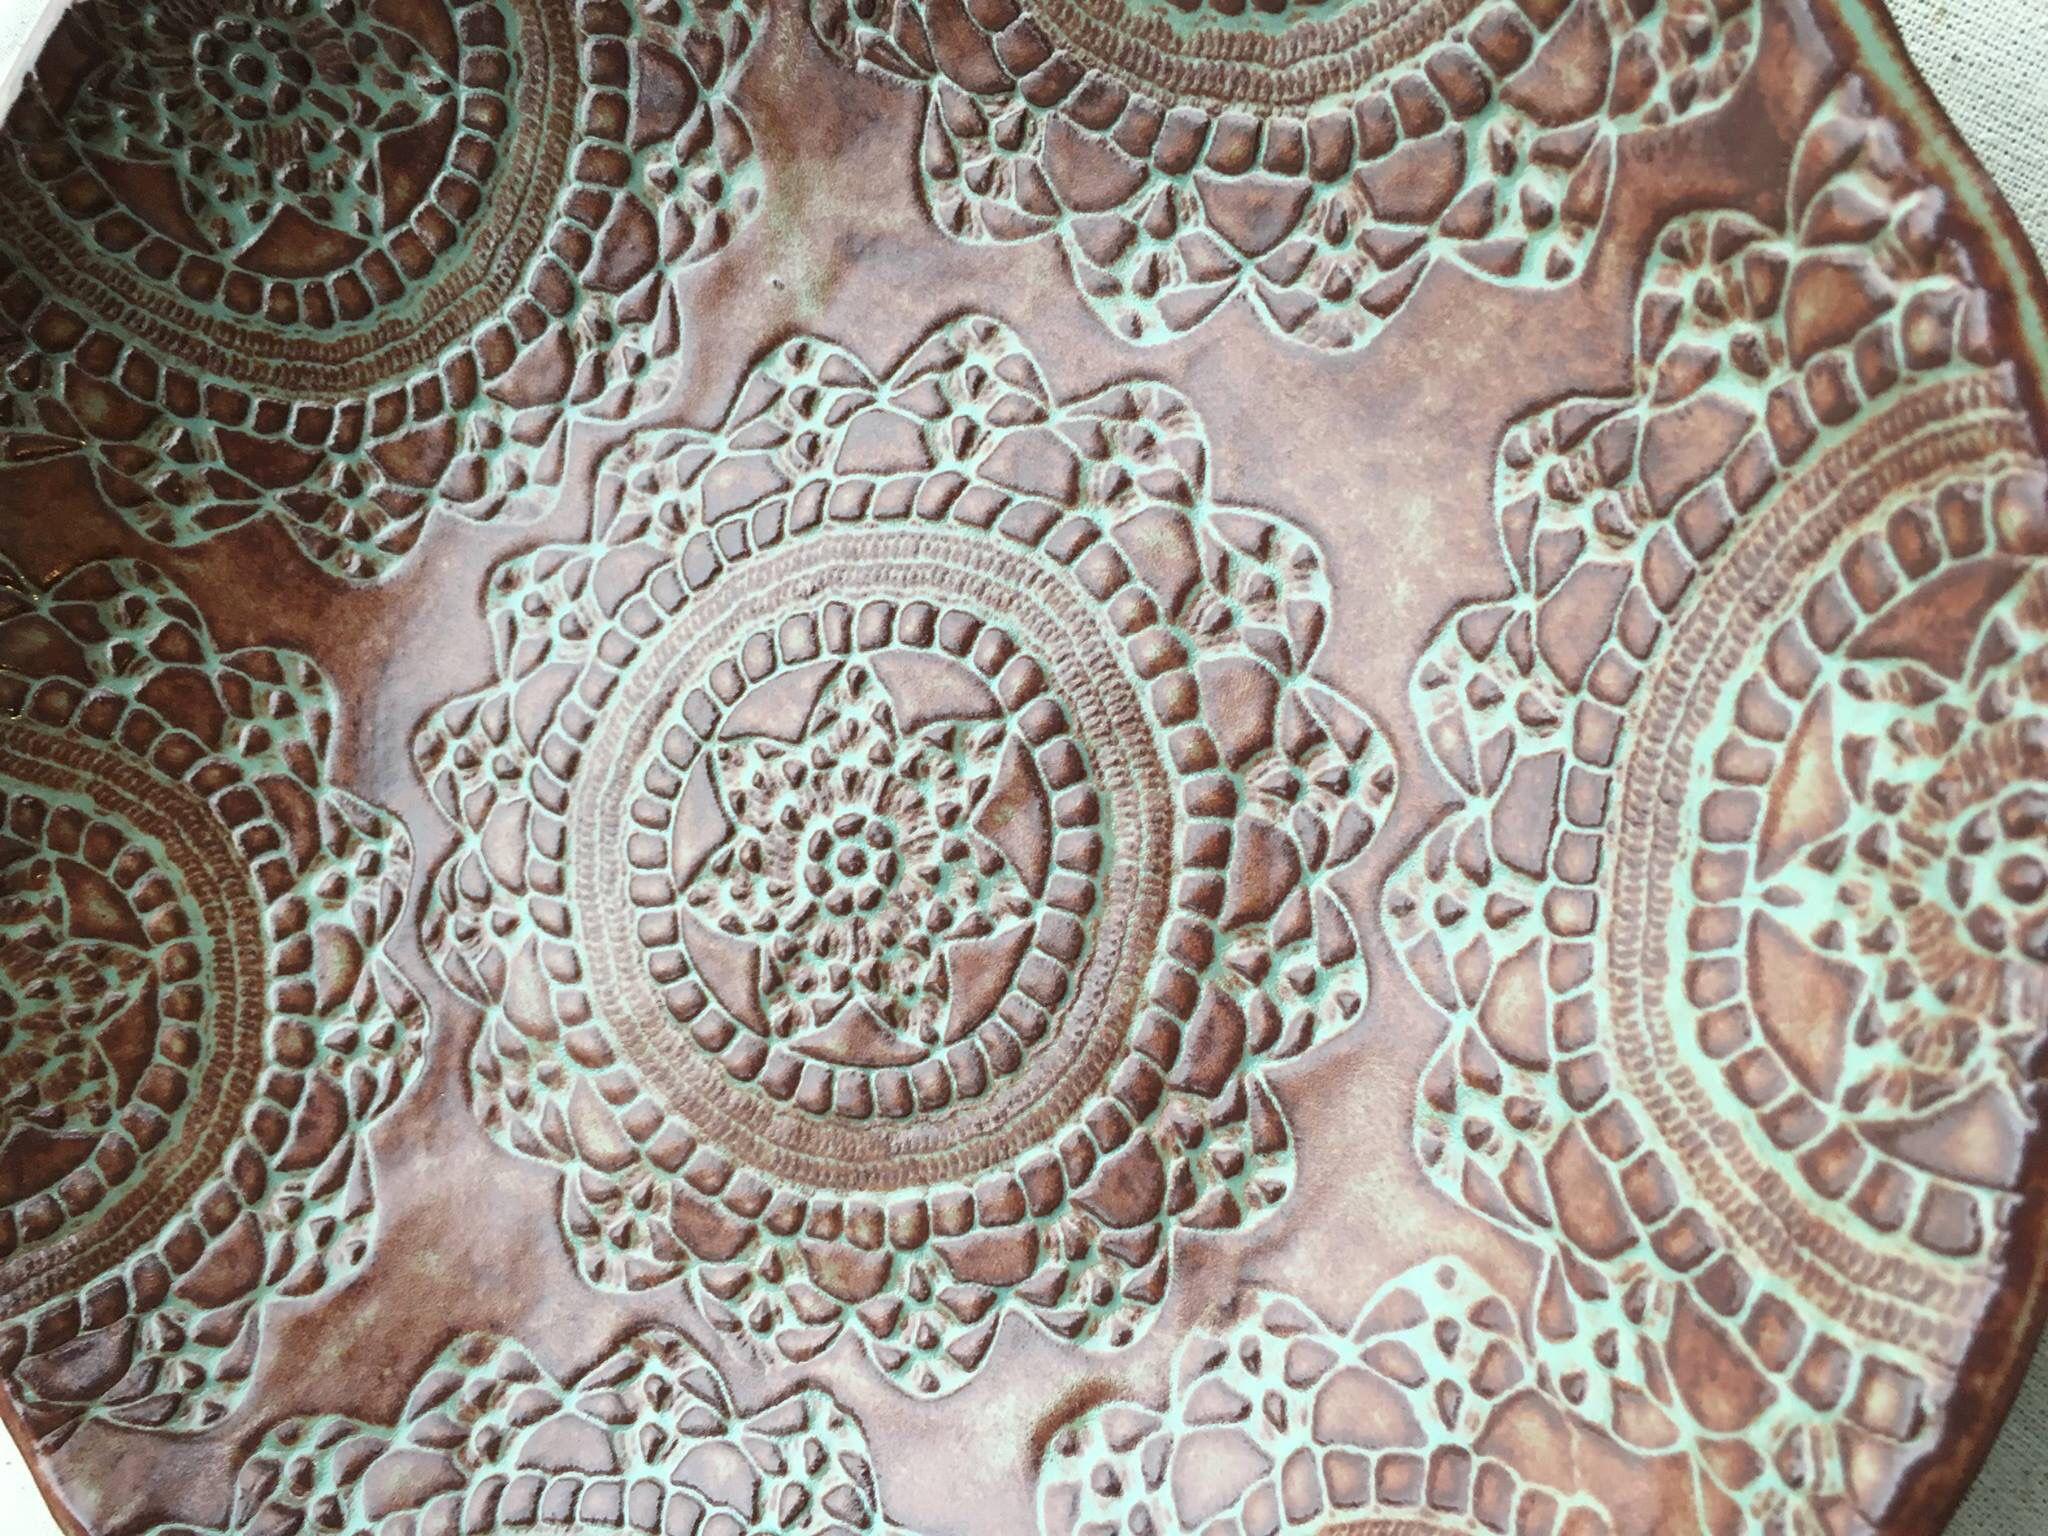 Amaco Oolong Shino Gloss X 3 Ceramics And Pottery